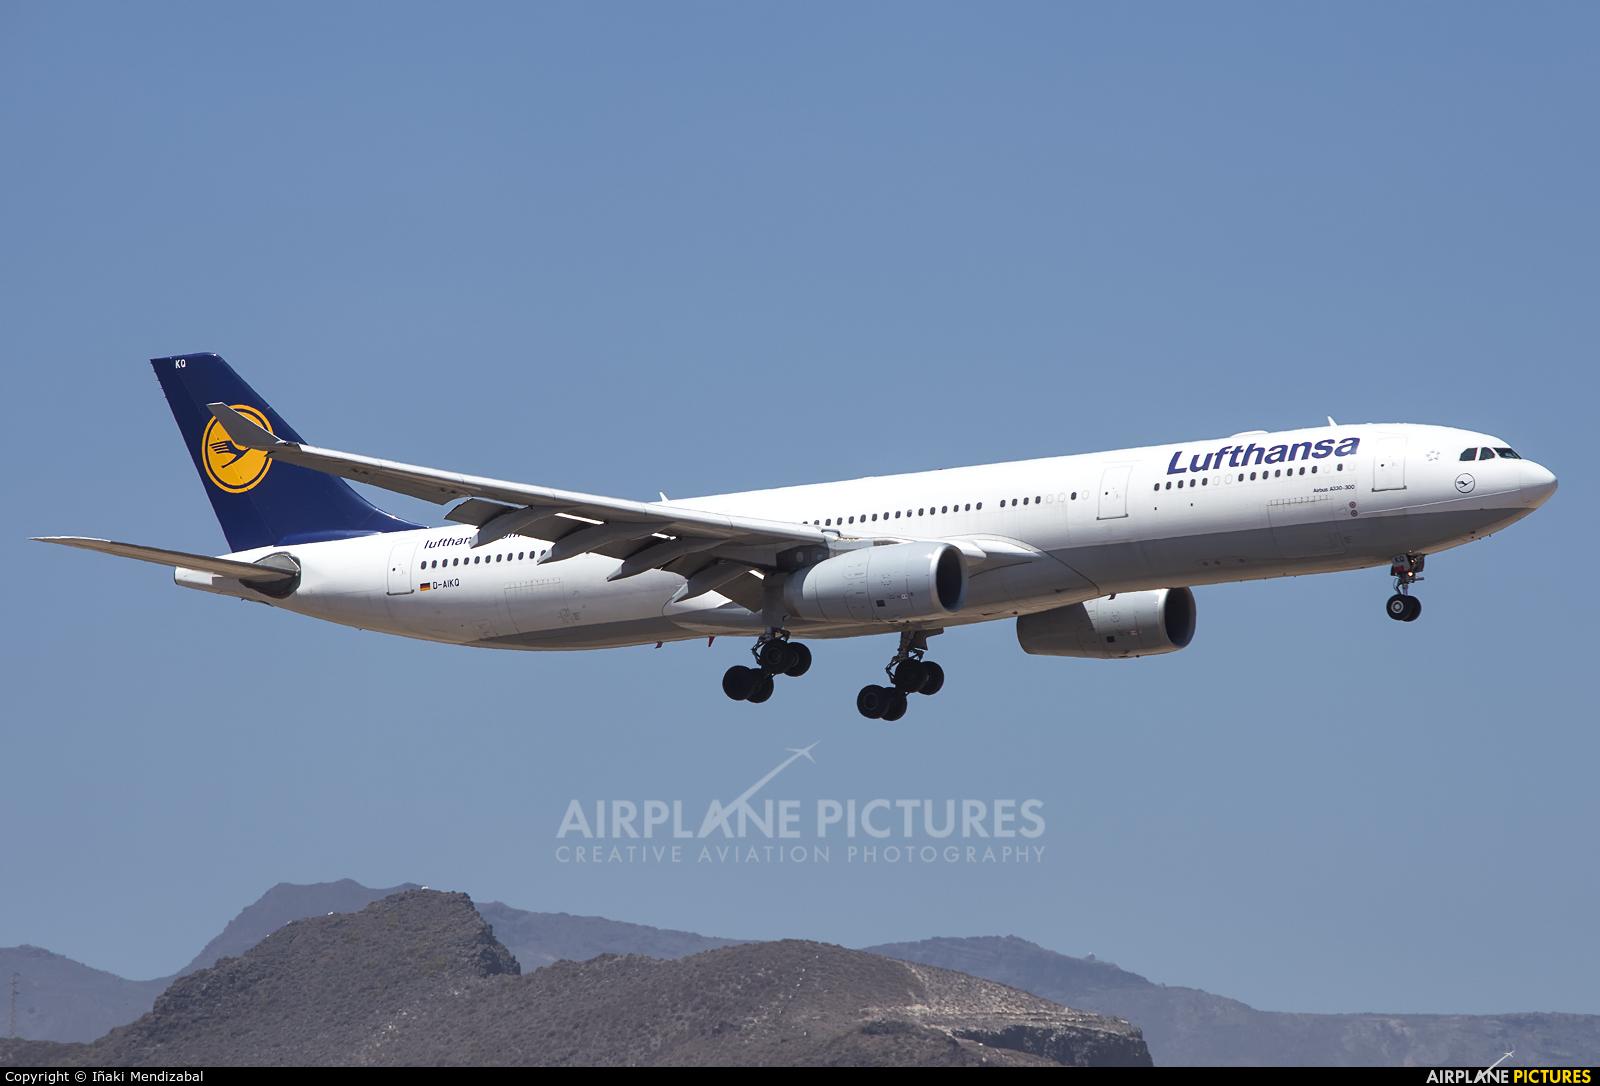 Lufthansa D-AIKQ aircraft at Aeropuerto de Gran Canaria